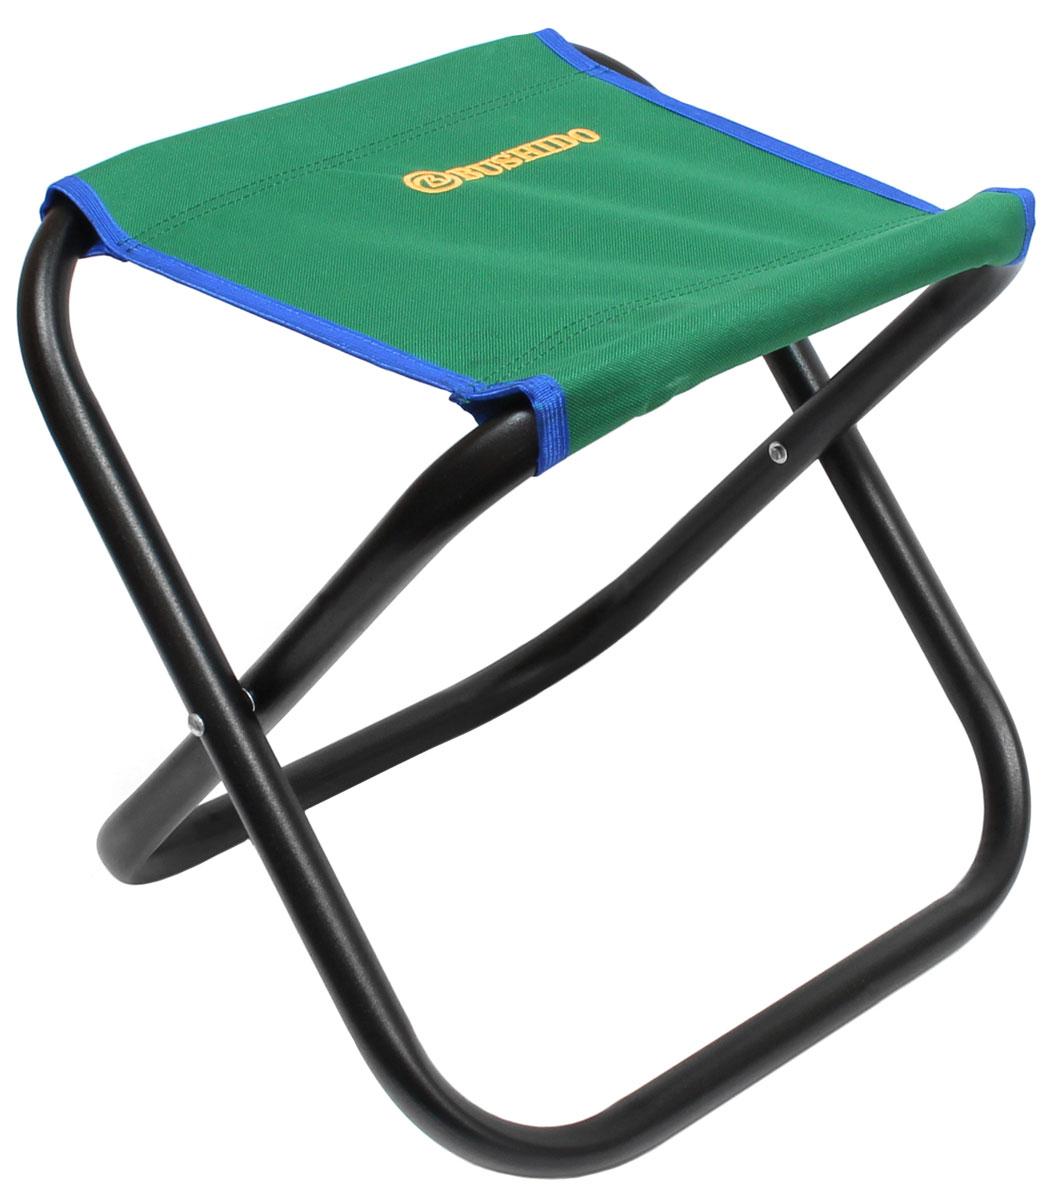 Стул складной Bushido, цвет: зеленый, 35 х 28 х 33 см0702-101, зеленыйСкладной стул Bushido предназначен для отдыха на природе, пикника или рыбалки. Каркас выполнен из стали, покрытиеиз текстиля. Размер: 35 х 28 х 33 см. Диаметр трубы: 22 мм. Максимальная нагрузка: 100 кг.